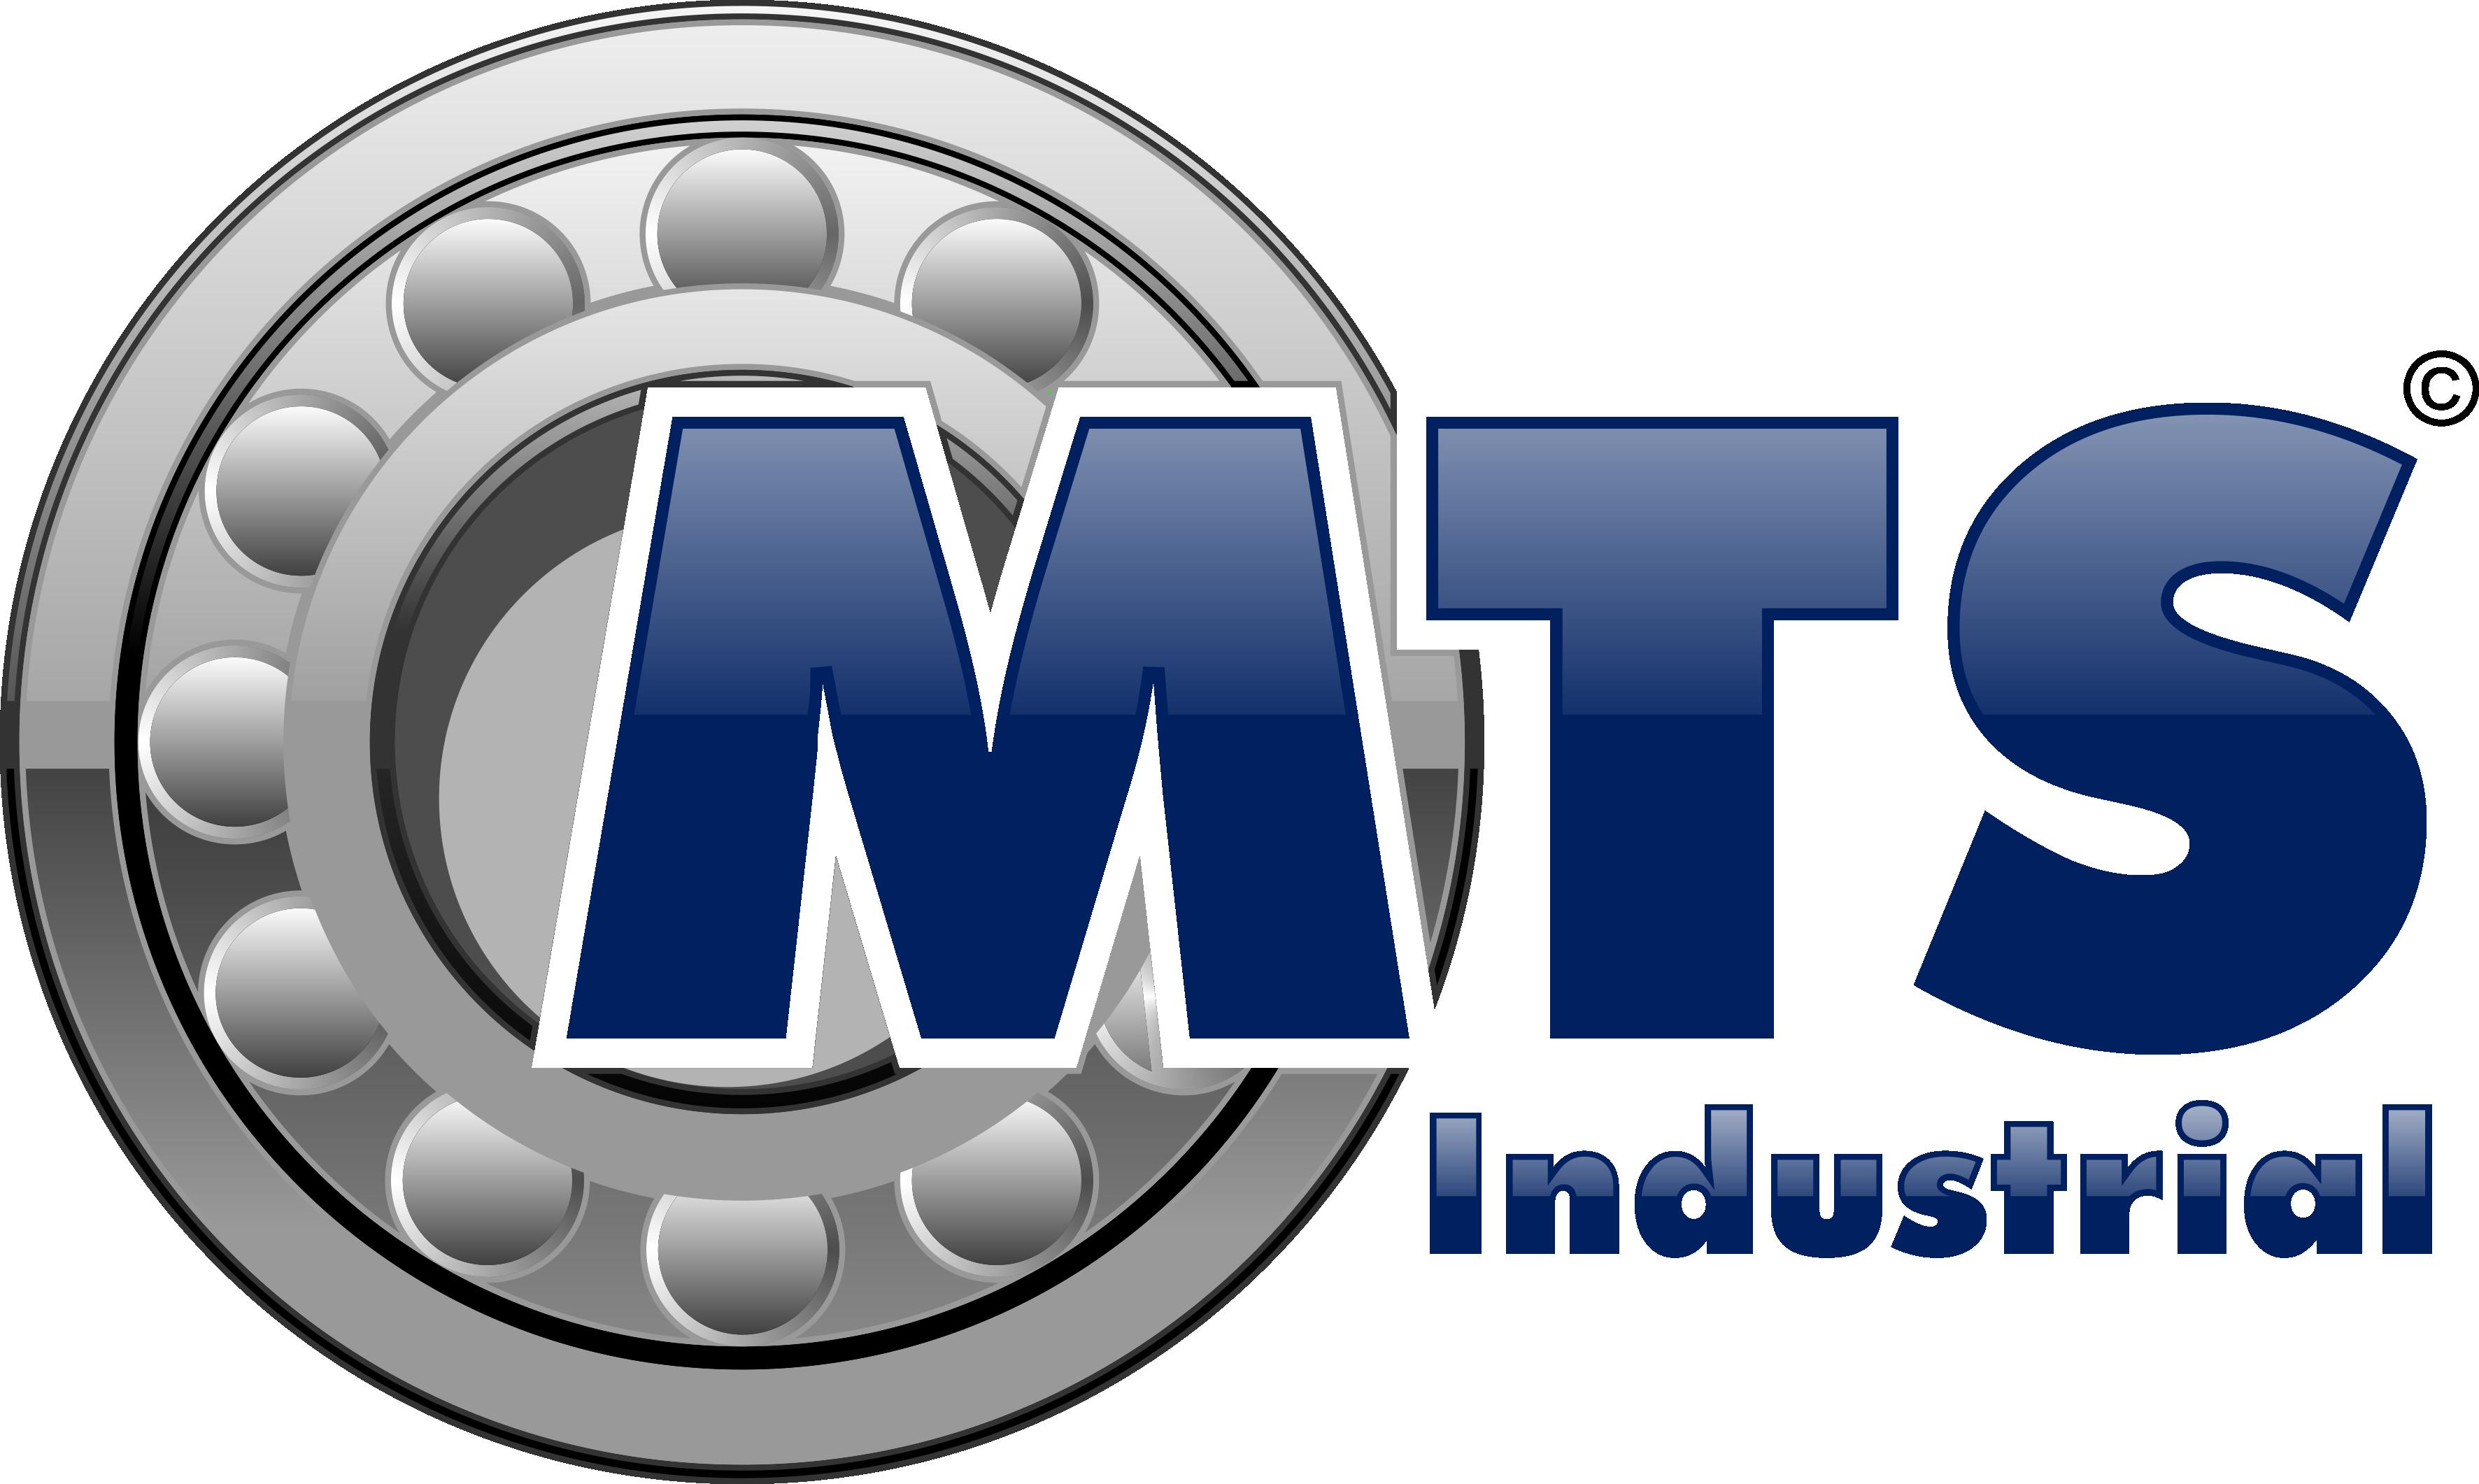 mtsindustrial.com